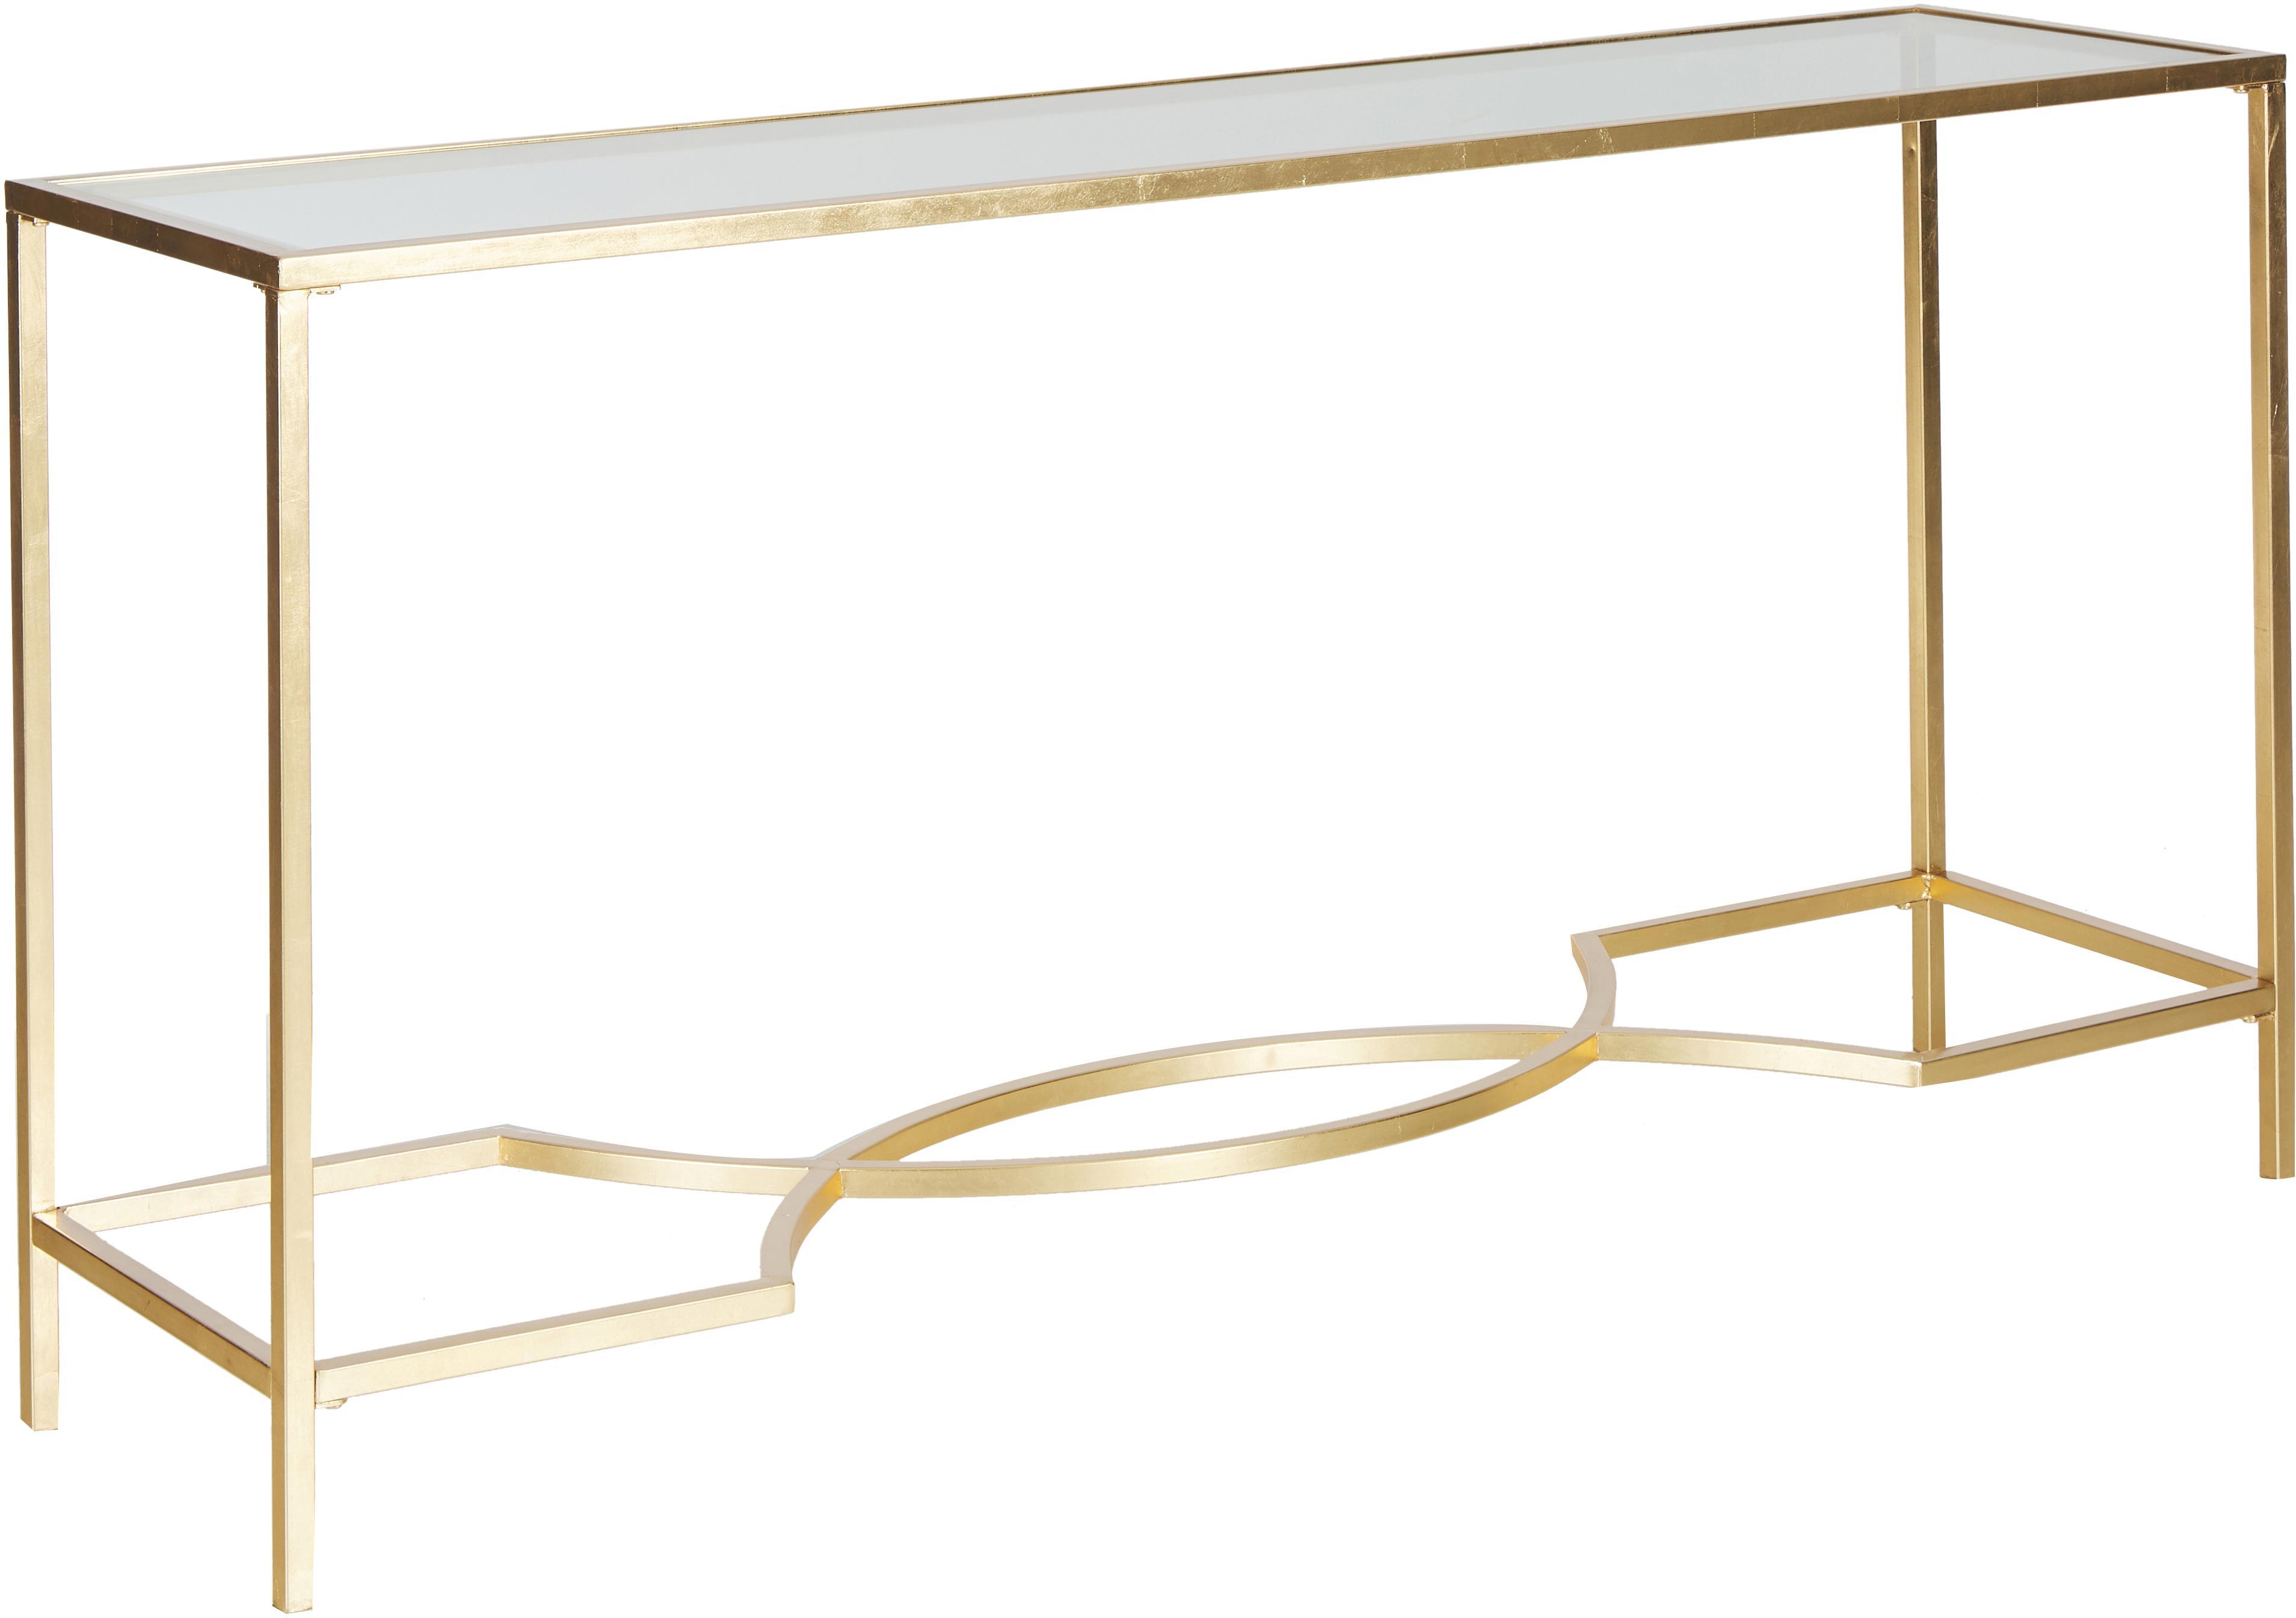 Konsola ze szklanym blatem Sia, Stelaż: metal lakierowany, Blat: szkło utwardzone, Stelaż: odcienie złotego Blat: transparentny, S 160 x G 40 cm